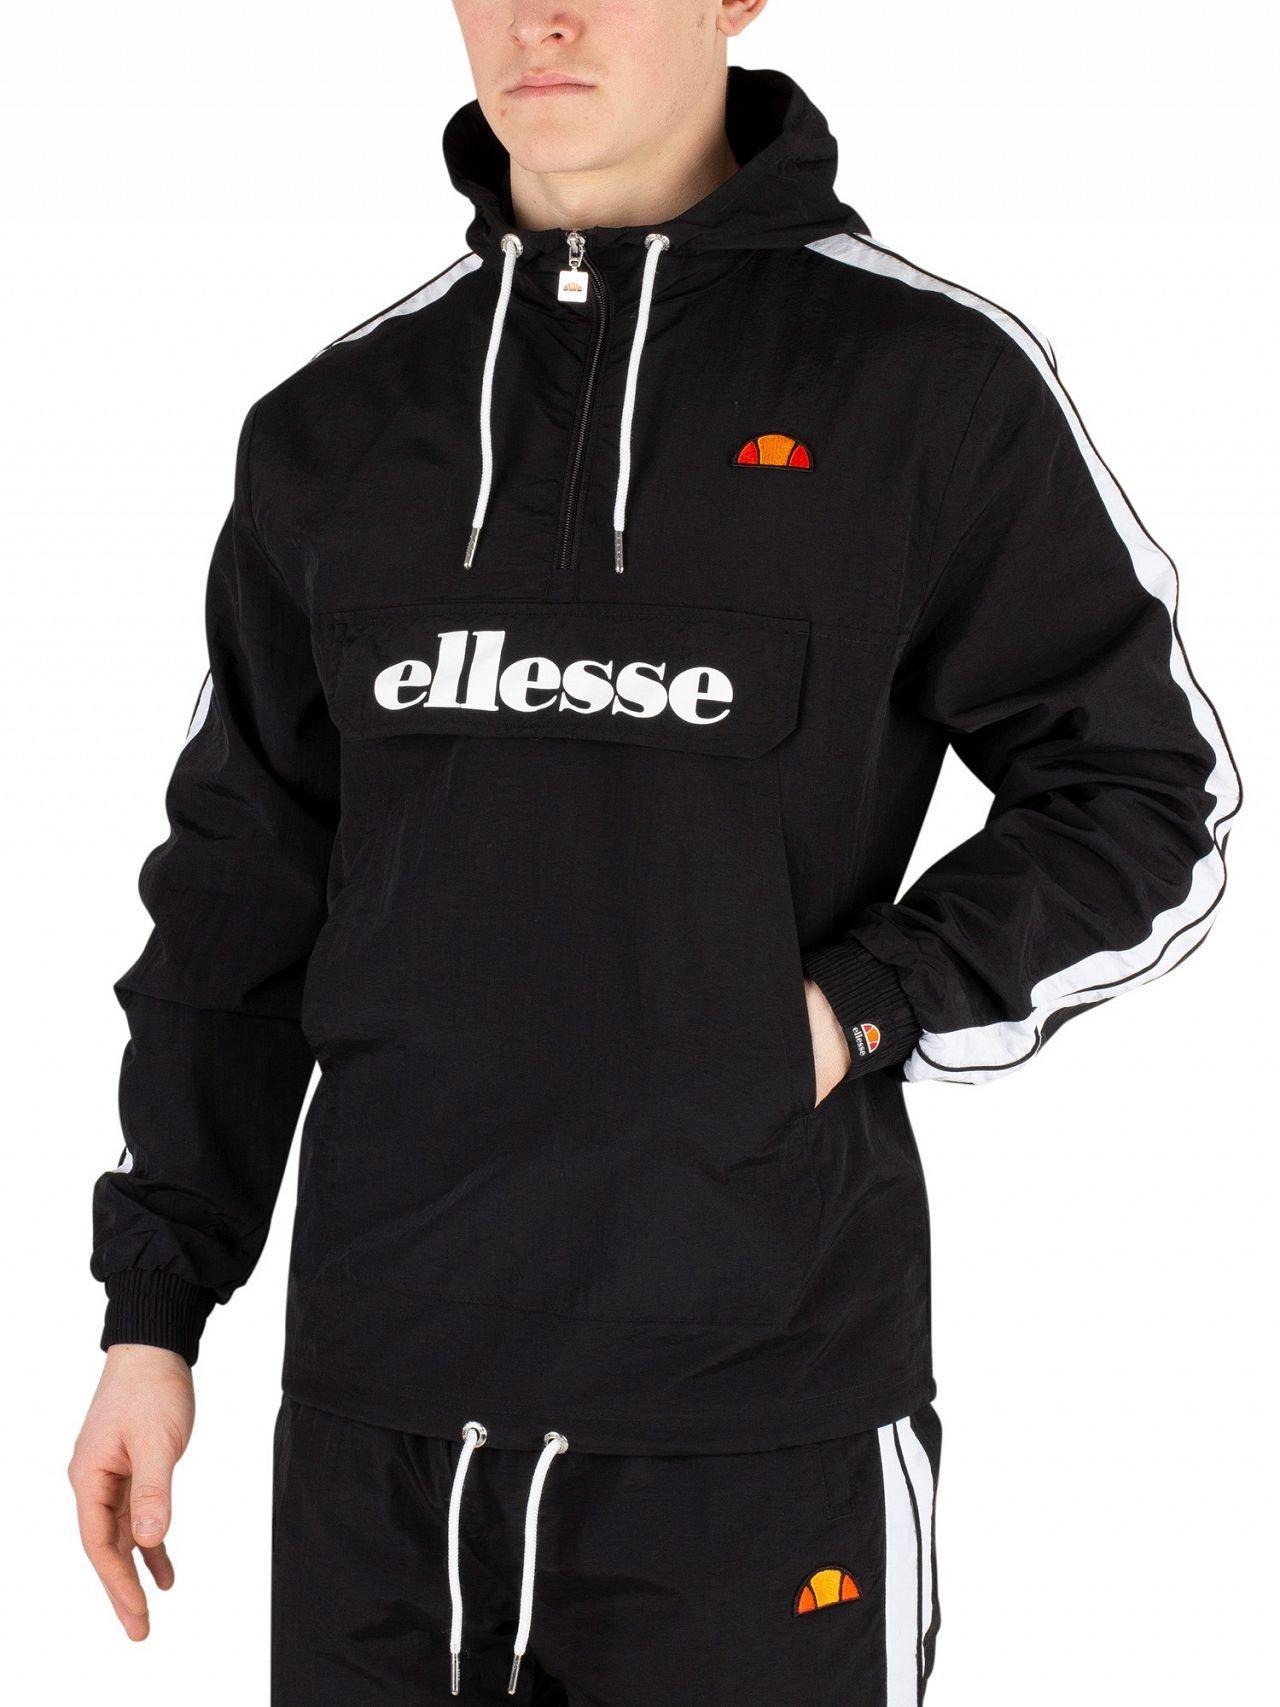 9d1b9ace21 Ellesse Black Fighter 1/2 Zip Track Jacket in Black for Men - Lyst